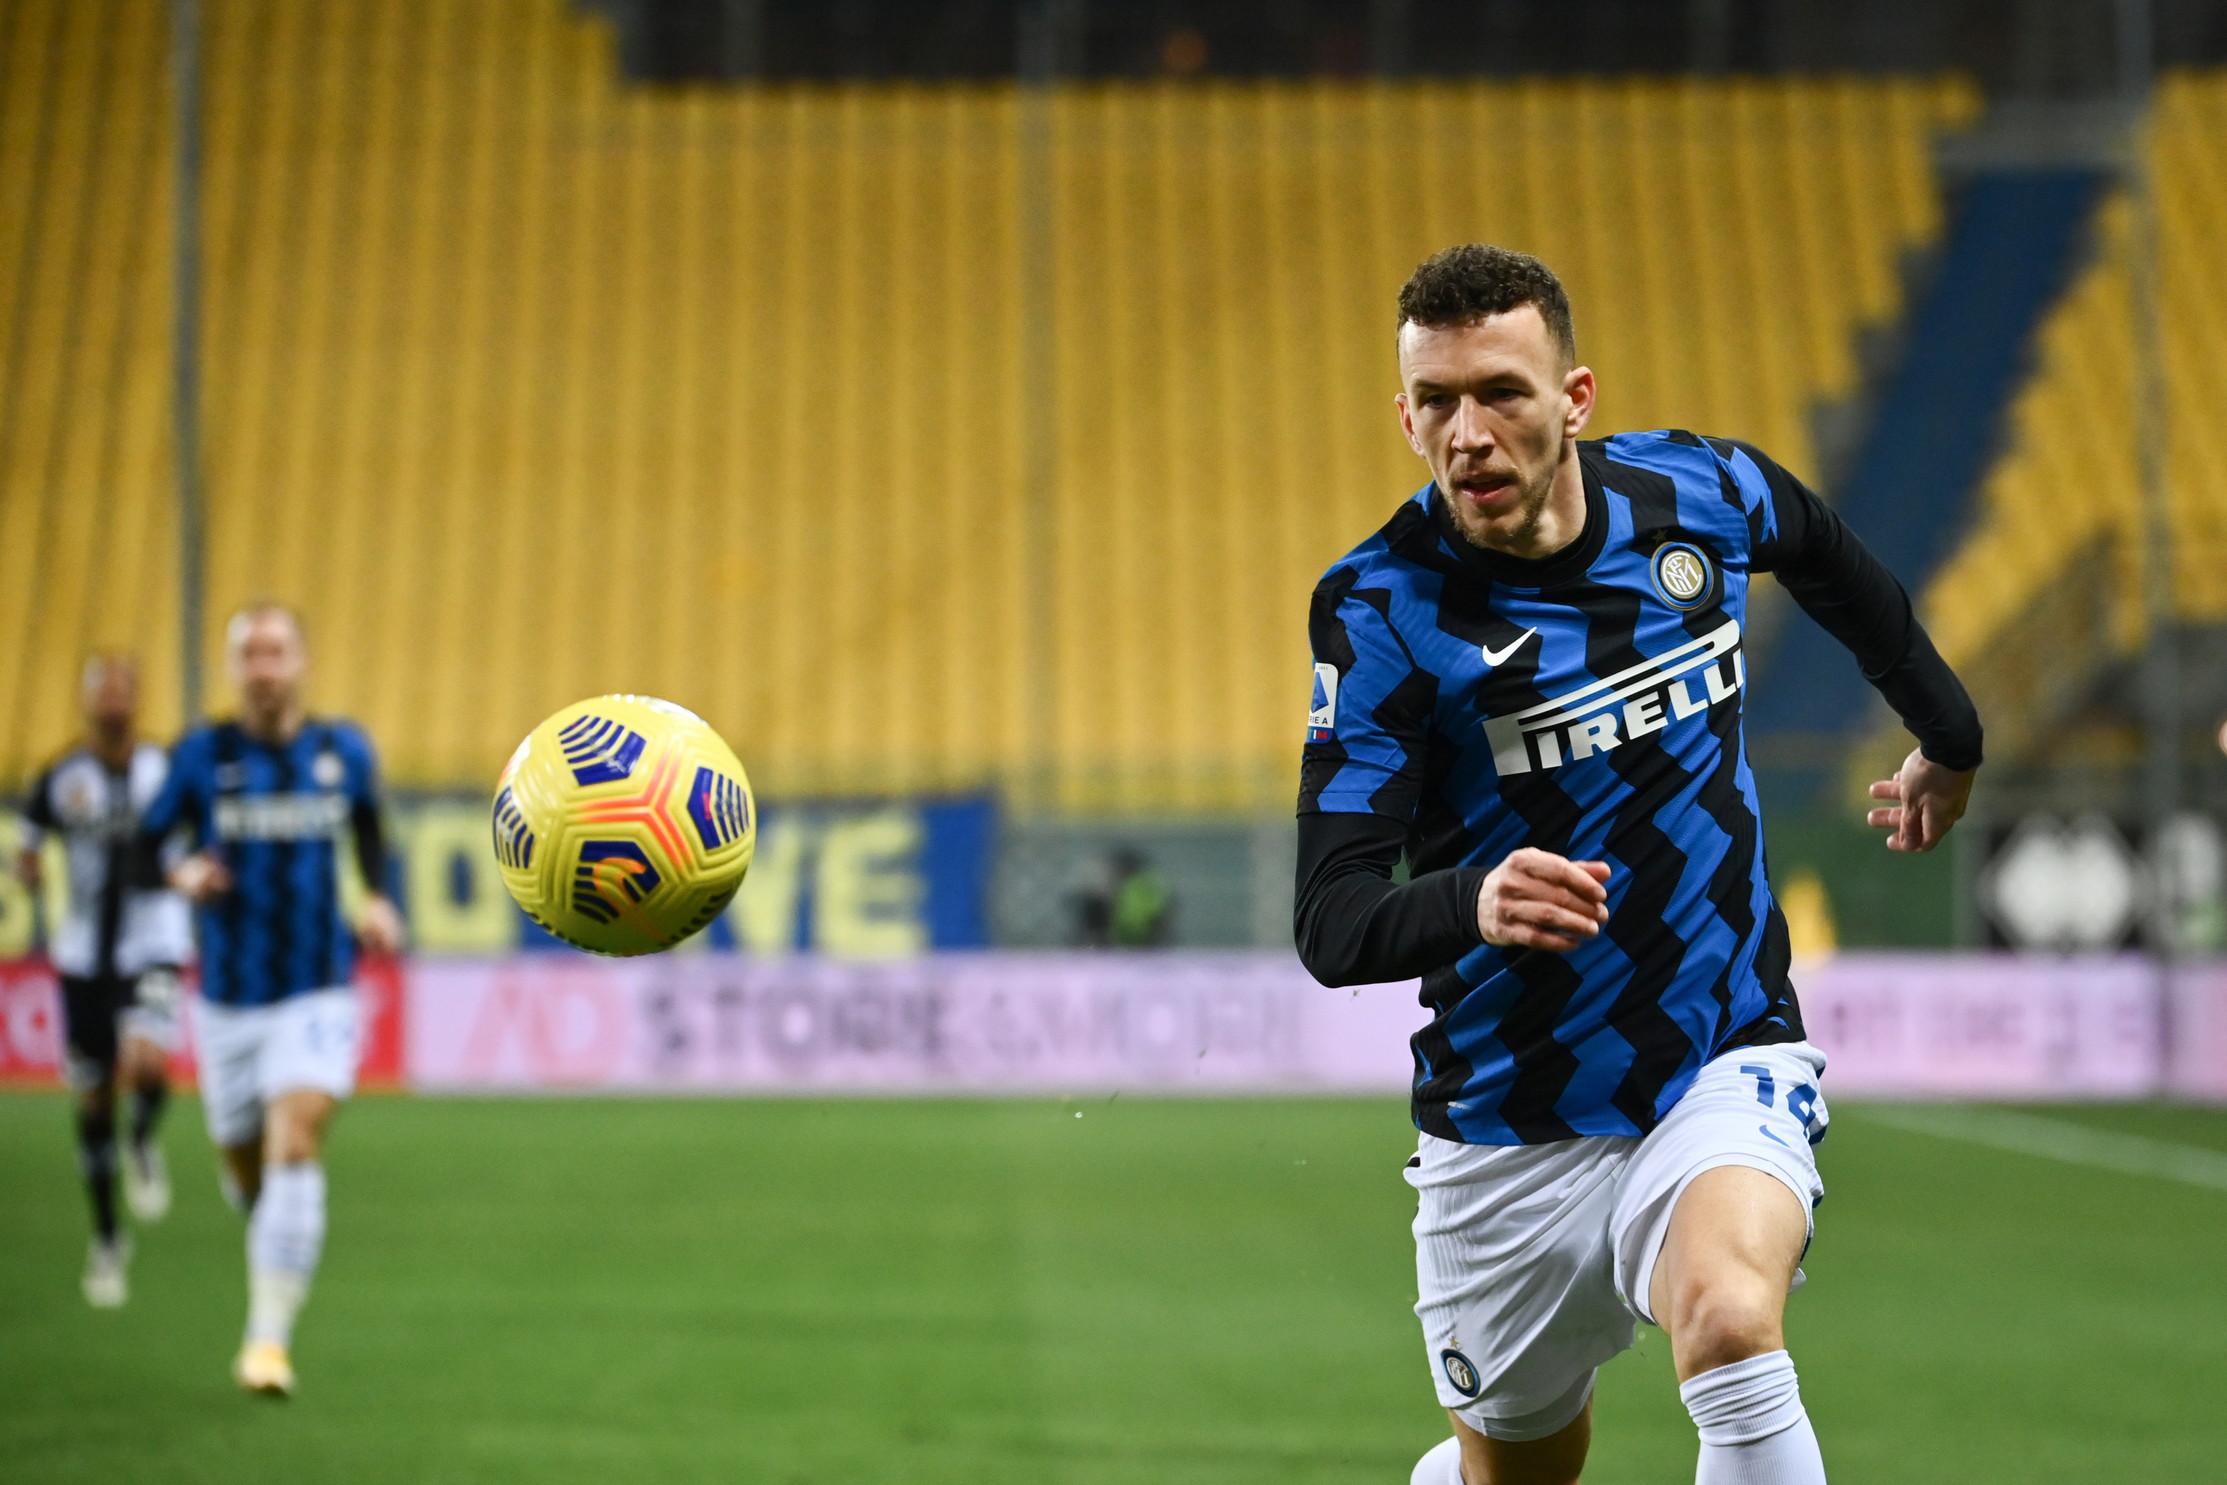 Le migliori foto di Parma-Inter 1-2<br /><br />